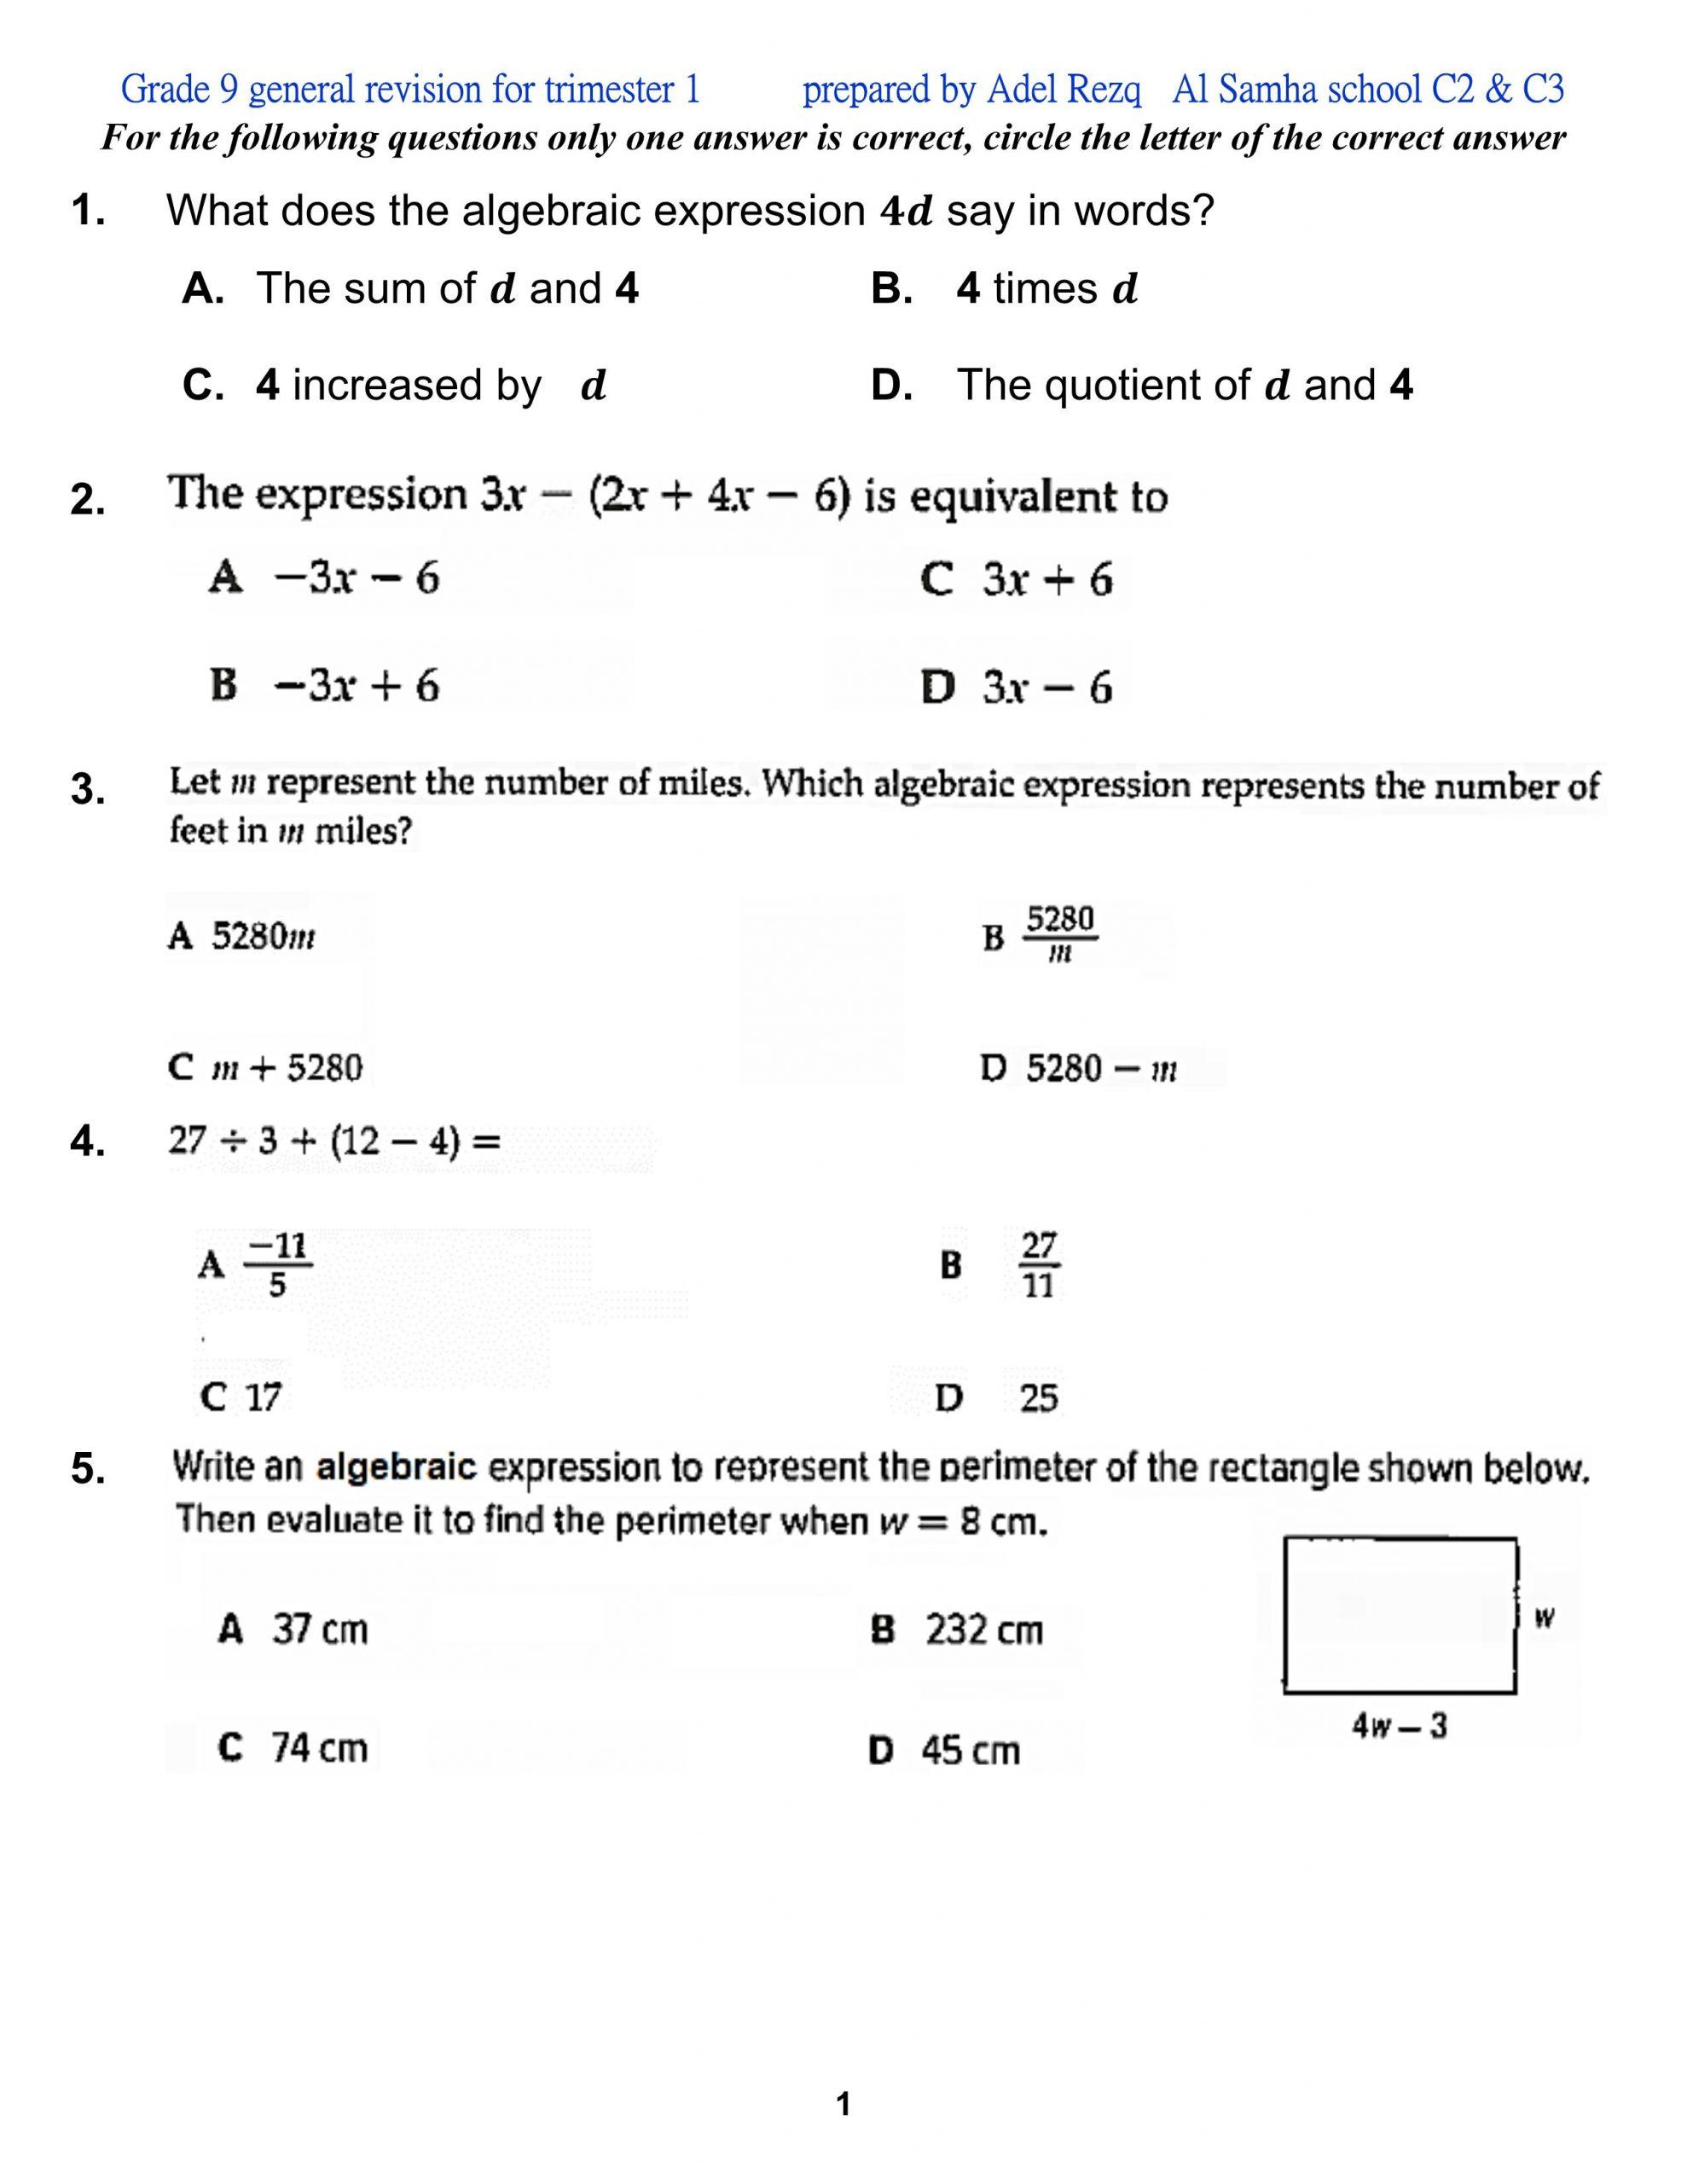 اوراق عمل مراجعة بالانجليزي الصف التاسع مادة الرياضيات المتكاملة